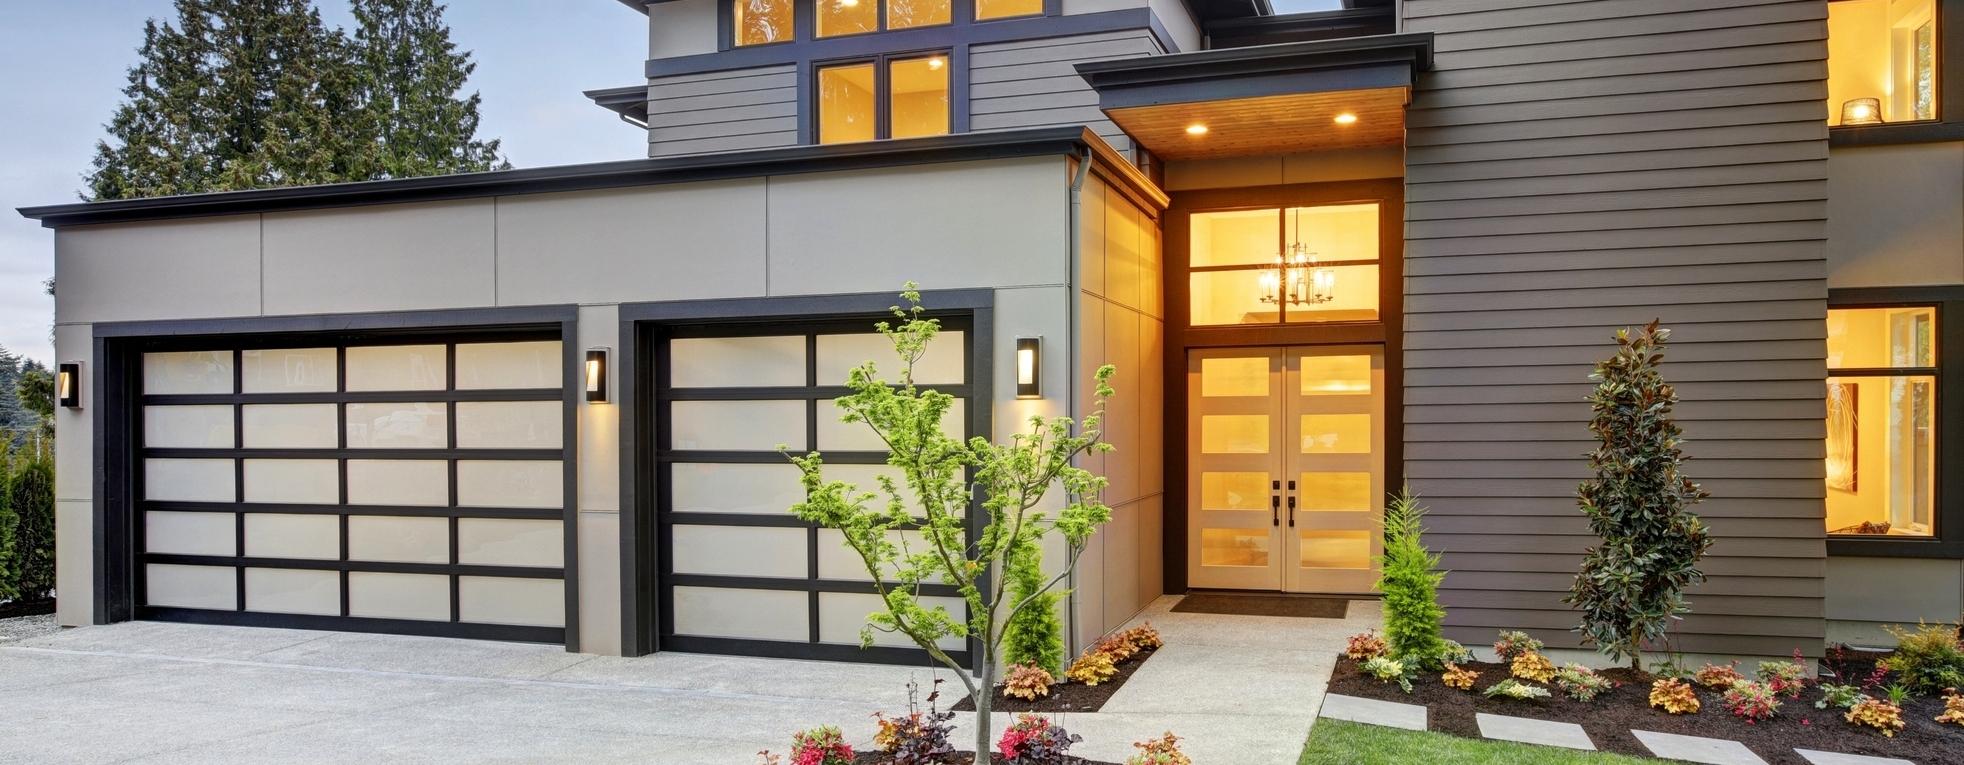 GARAGE DOORS -